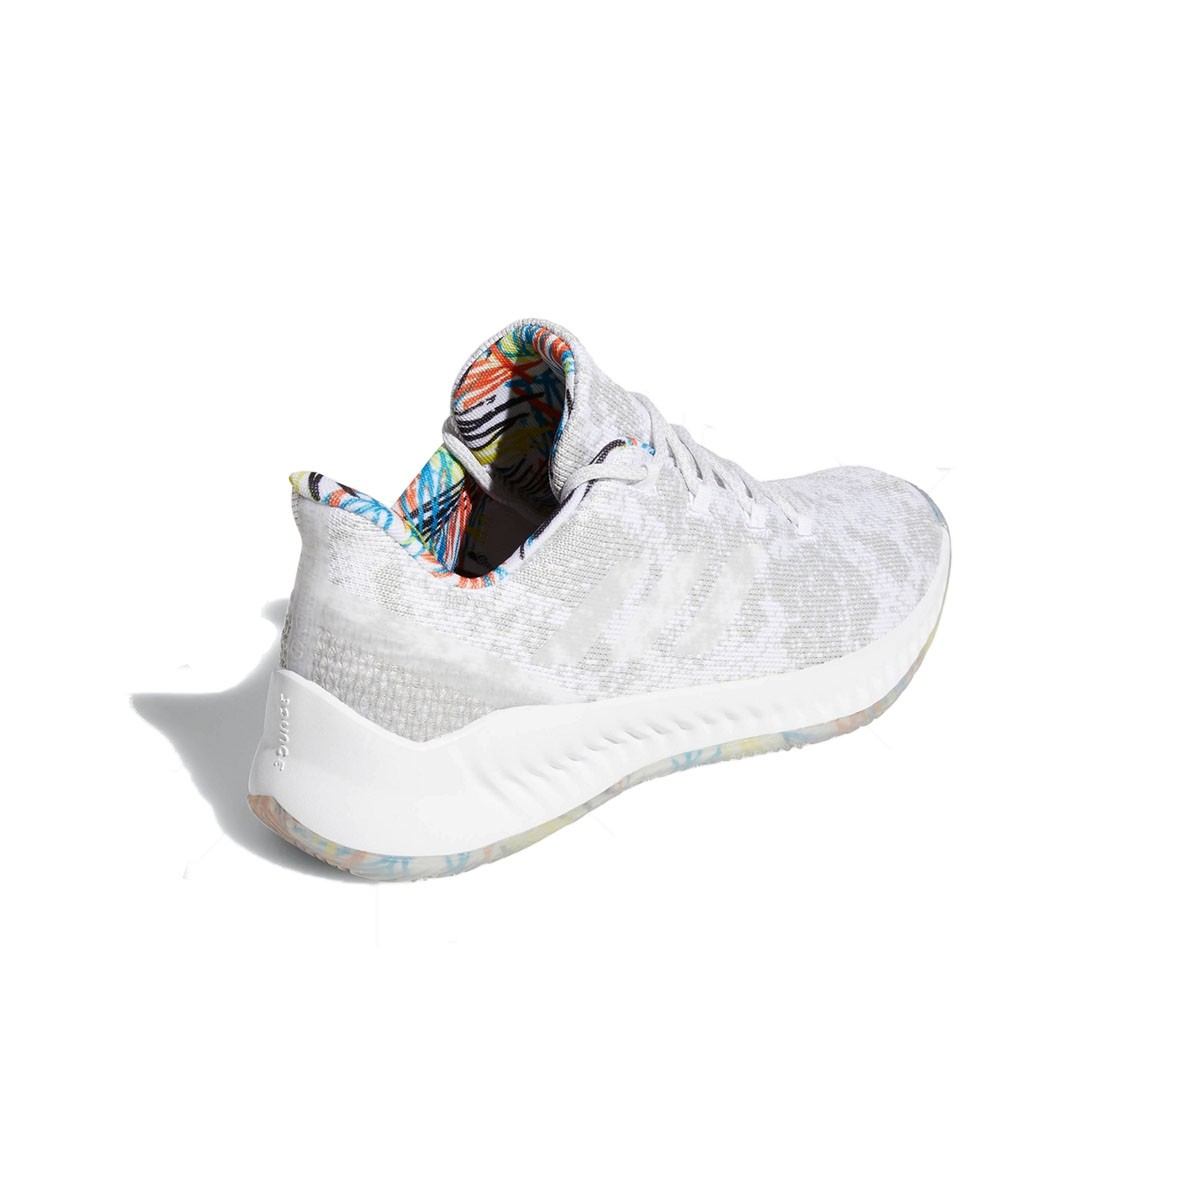 ADIDAS Harden B/E X 'White Multicolor' F97248